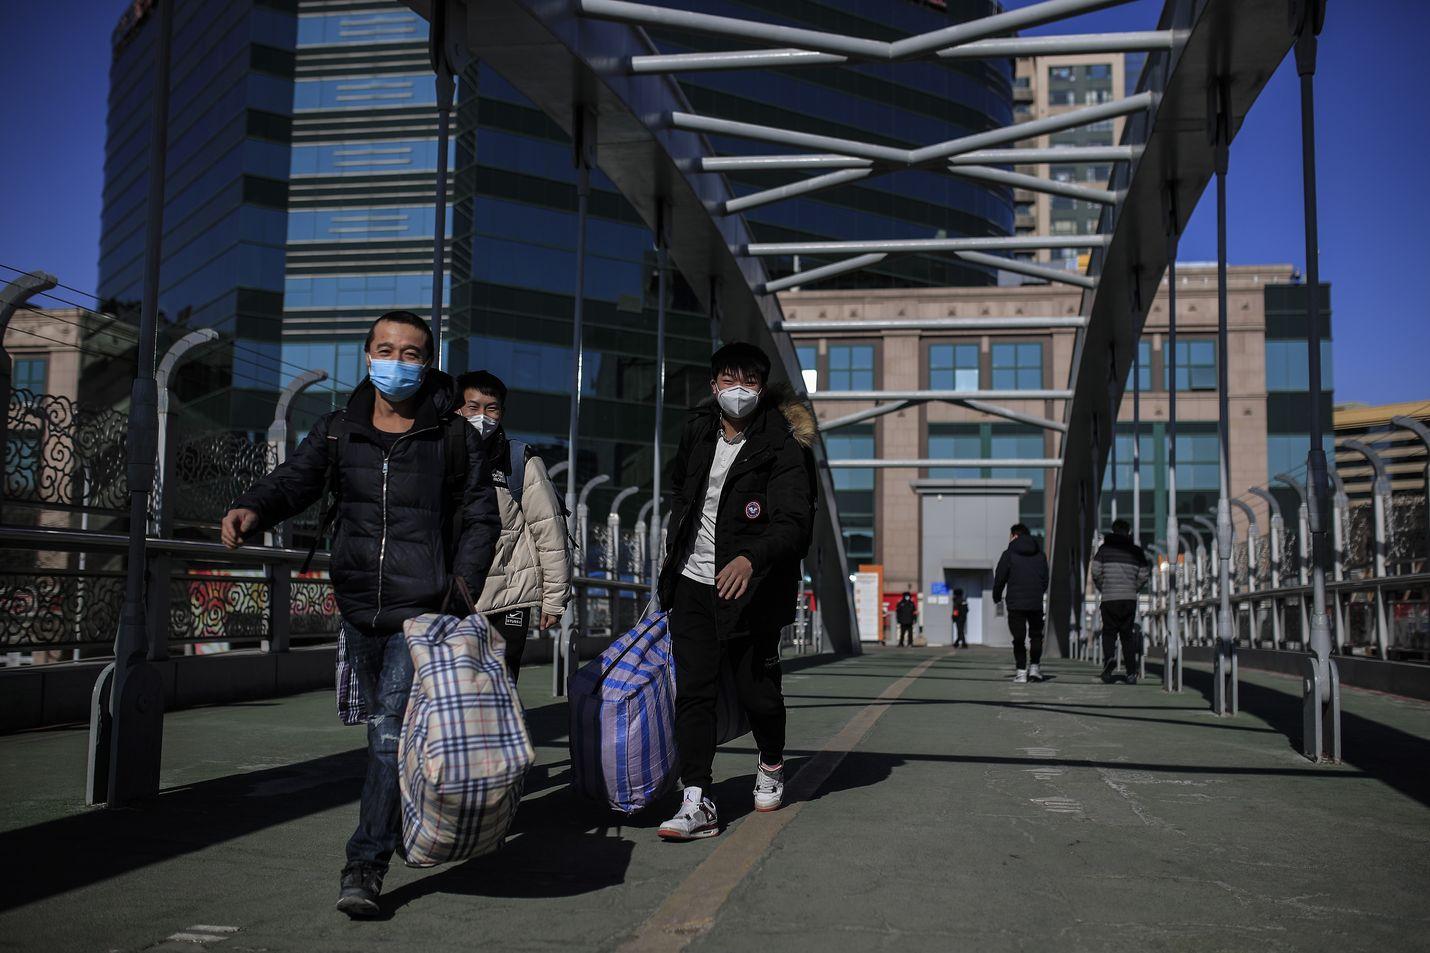 Esimerkiksi Kiinassa tiukat rajoitustoimet mahdollisti maan hallintojärjestelmä. Korona on tutkijoiden hypoteesin mukaan pysynyt kurissa myös väestön aineenvaihdunnan ansiosta.